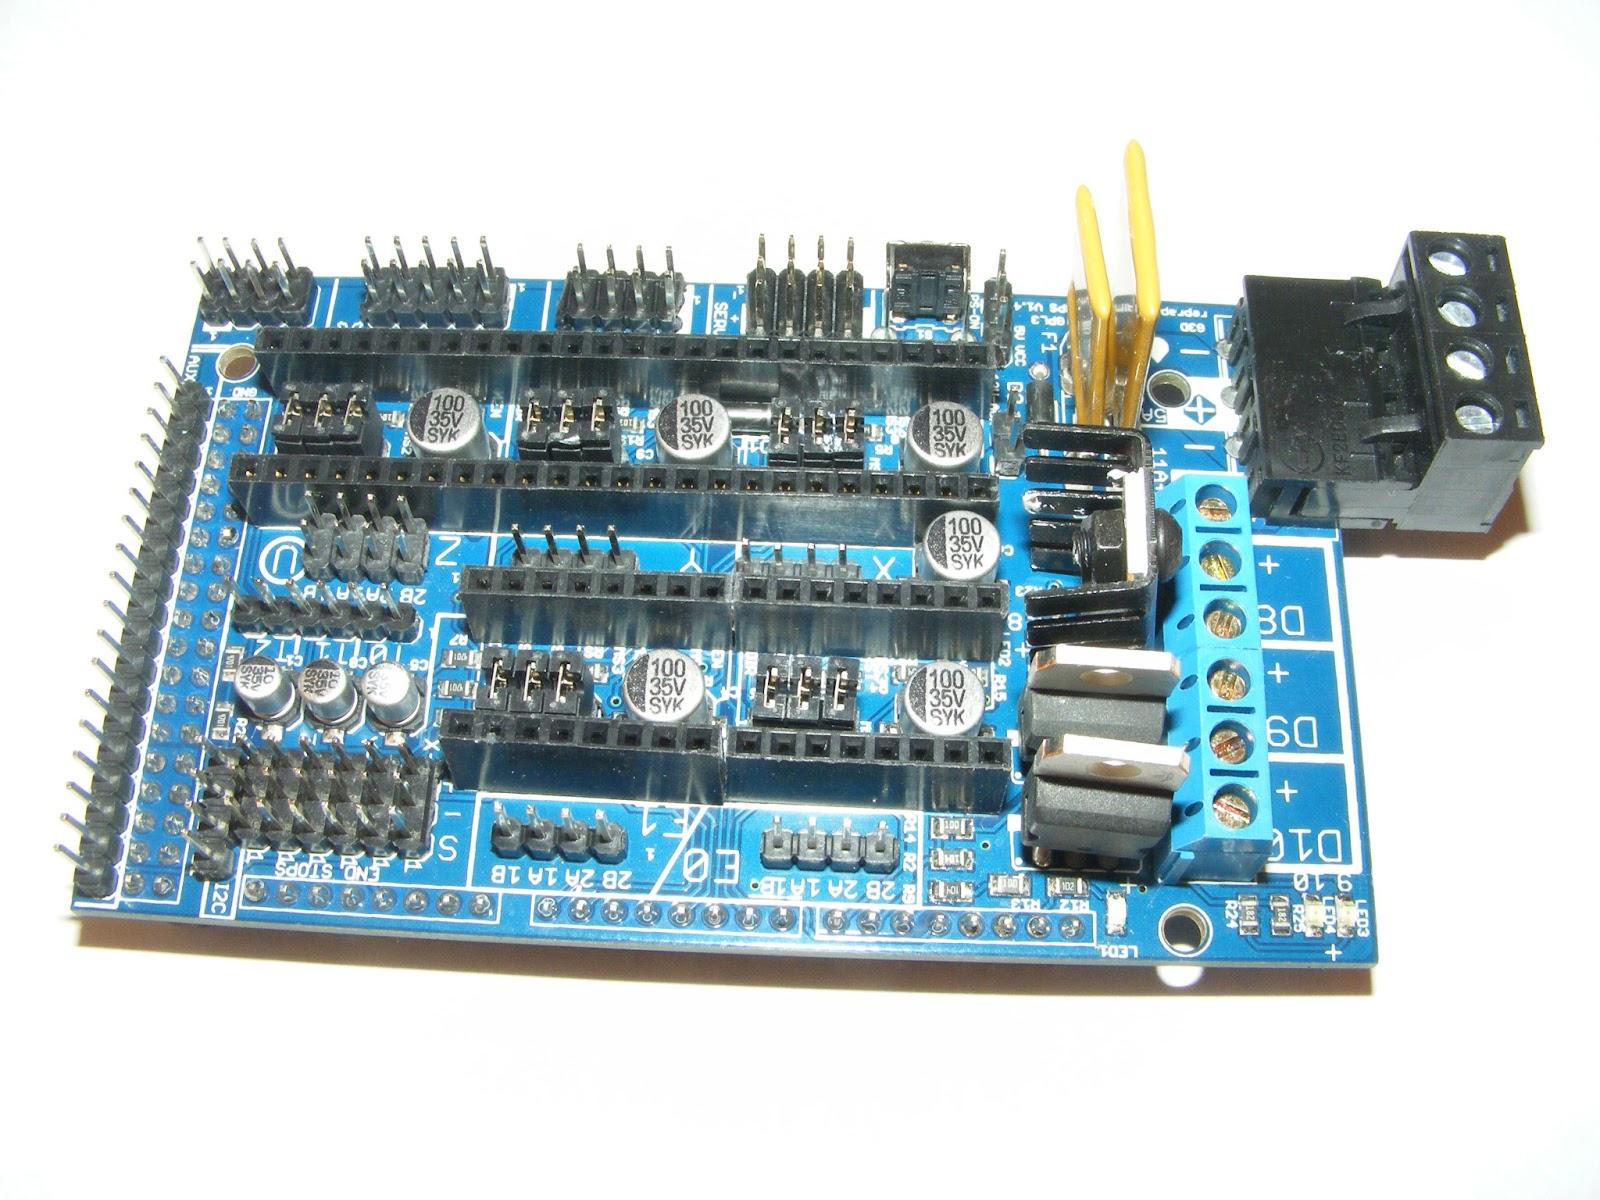 ALF 3D Printer: RAMPS 1.4 board